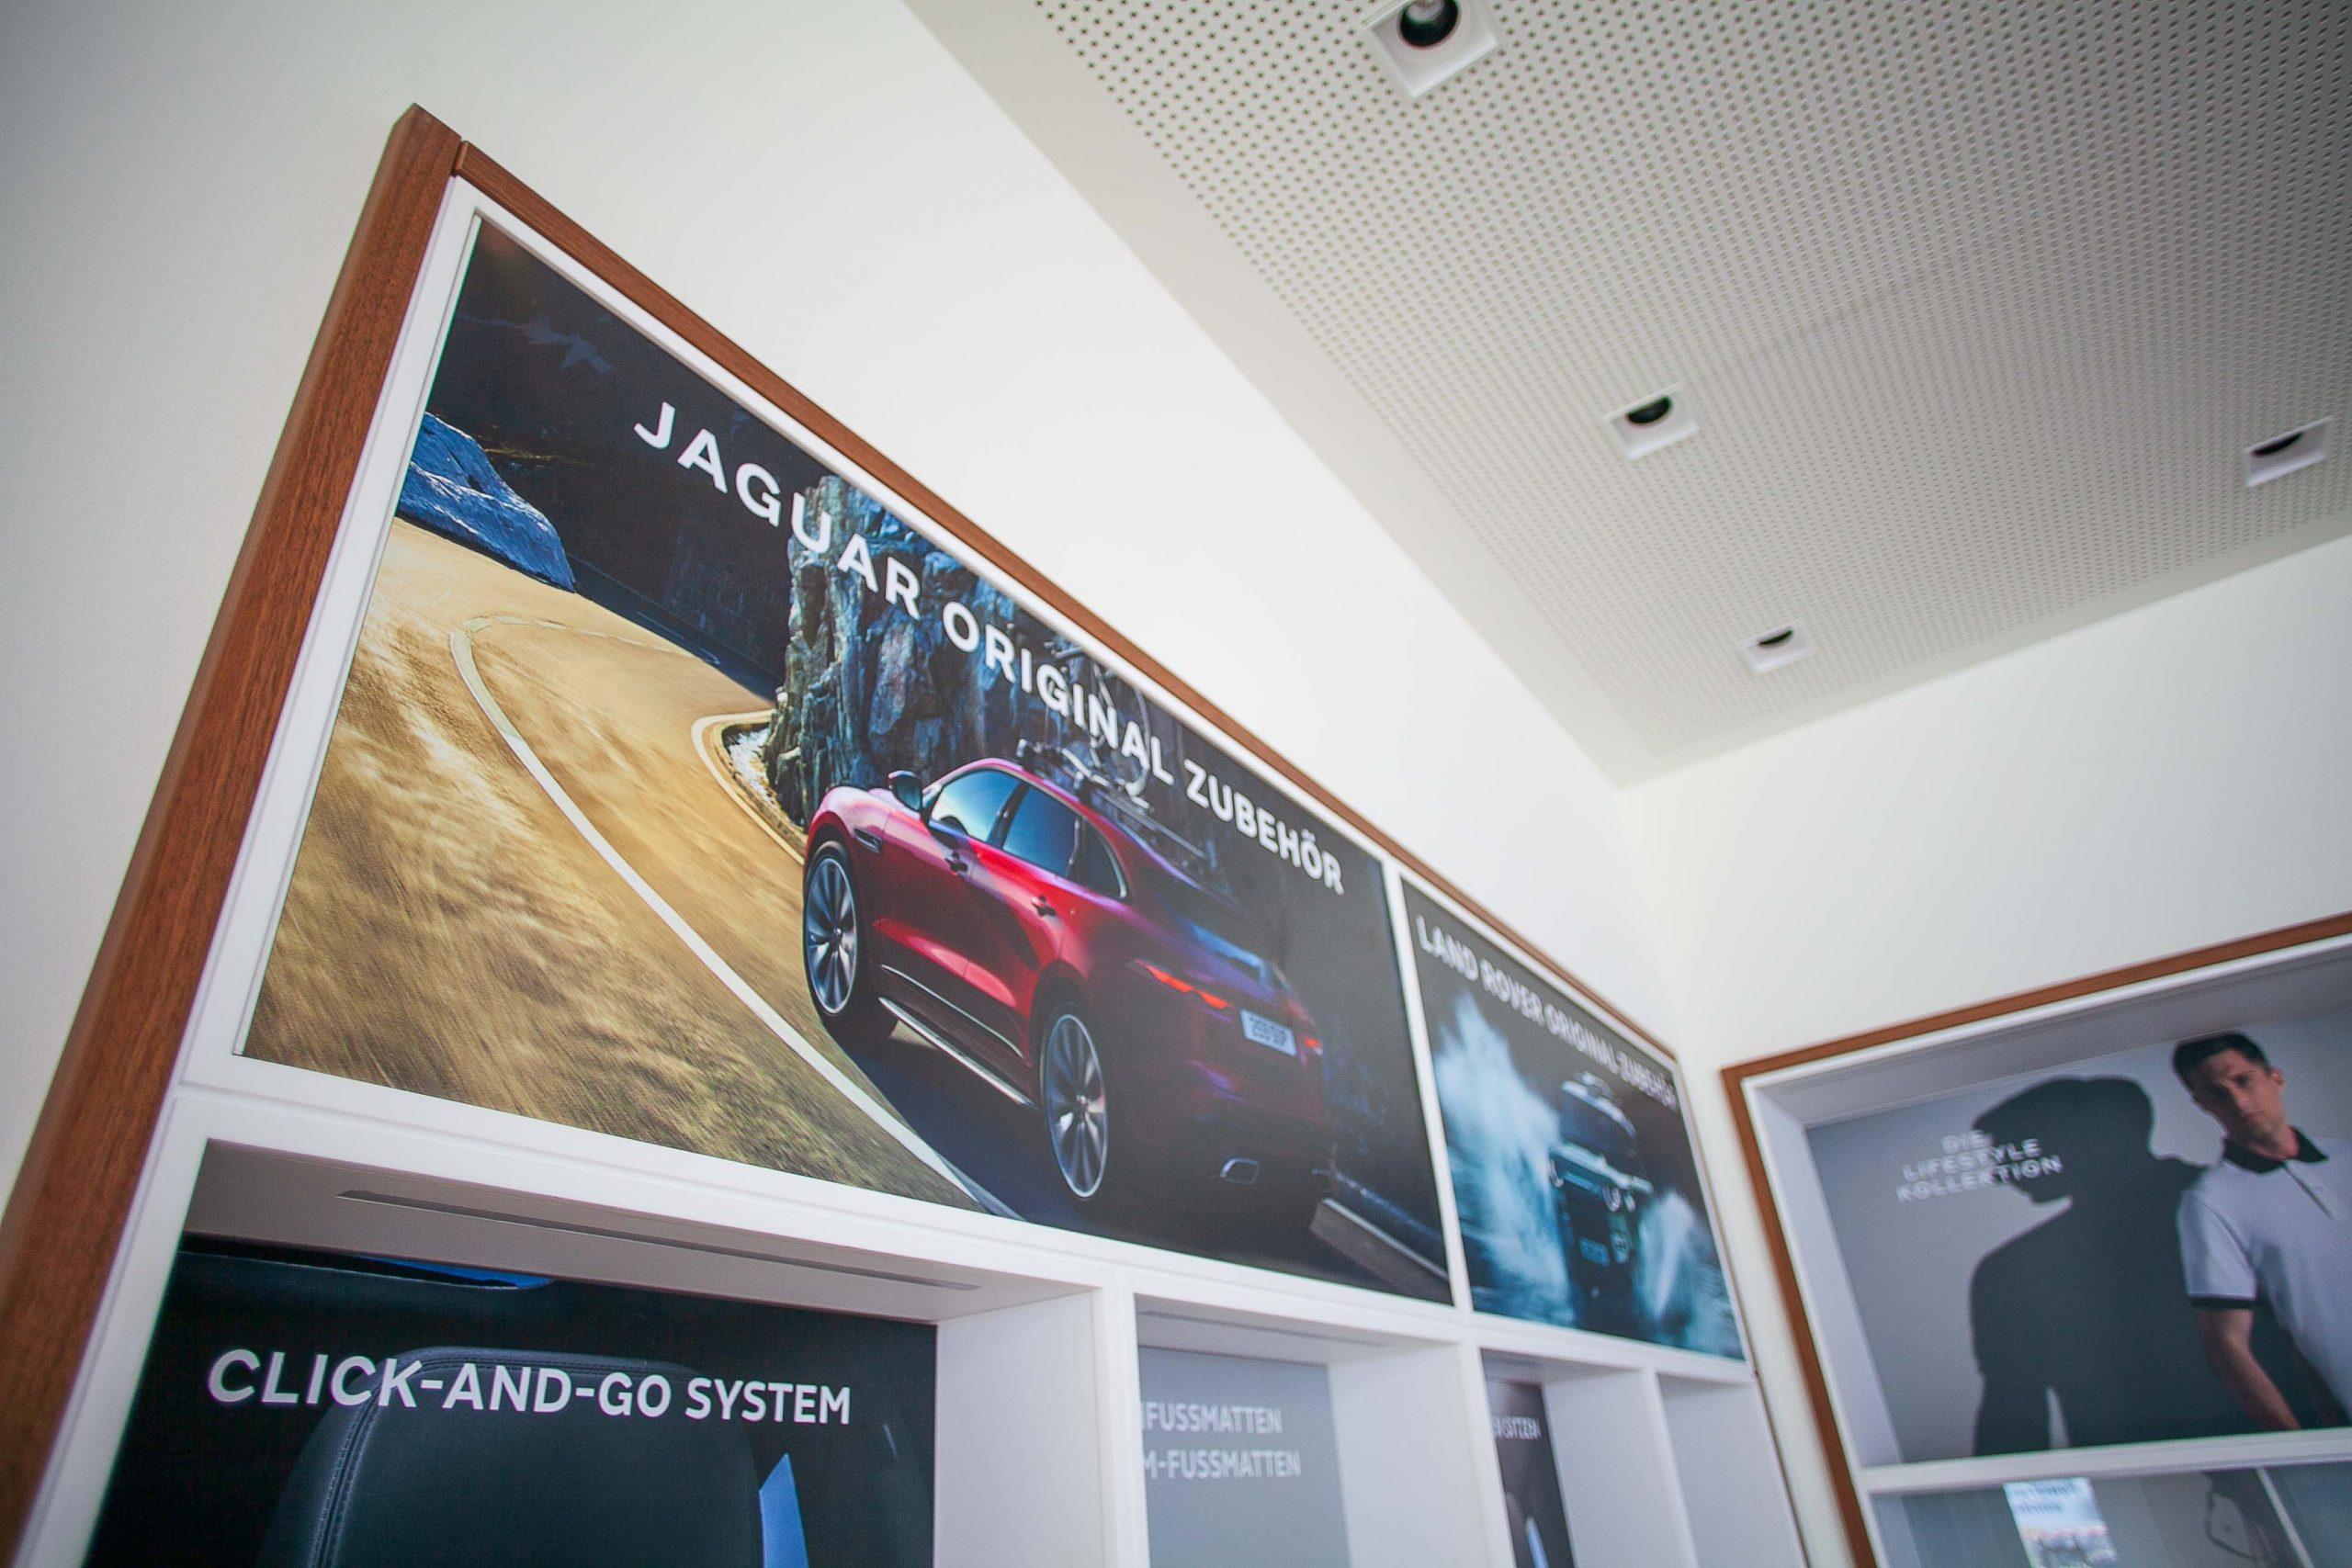 Auto STAHL Wien 22 Schillingstraße 4, 1220 Wien – Jaguar Land Rover Showroom